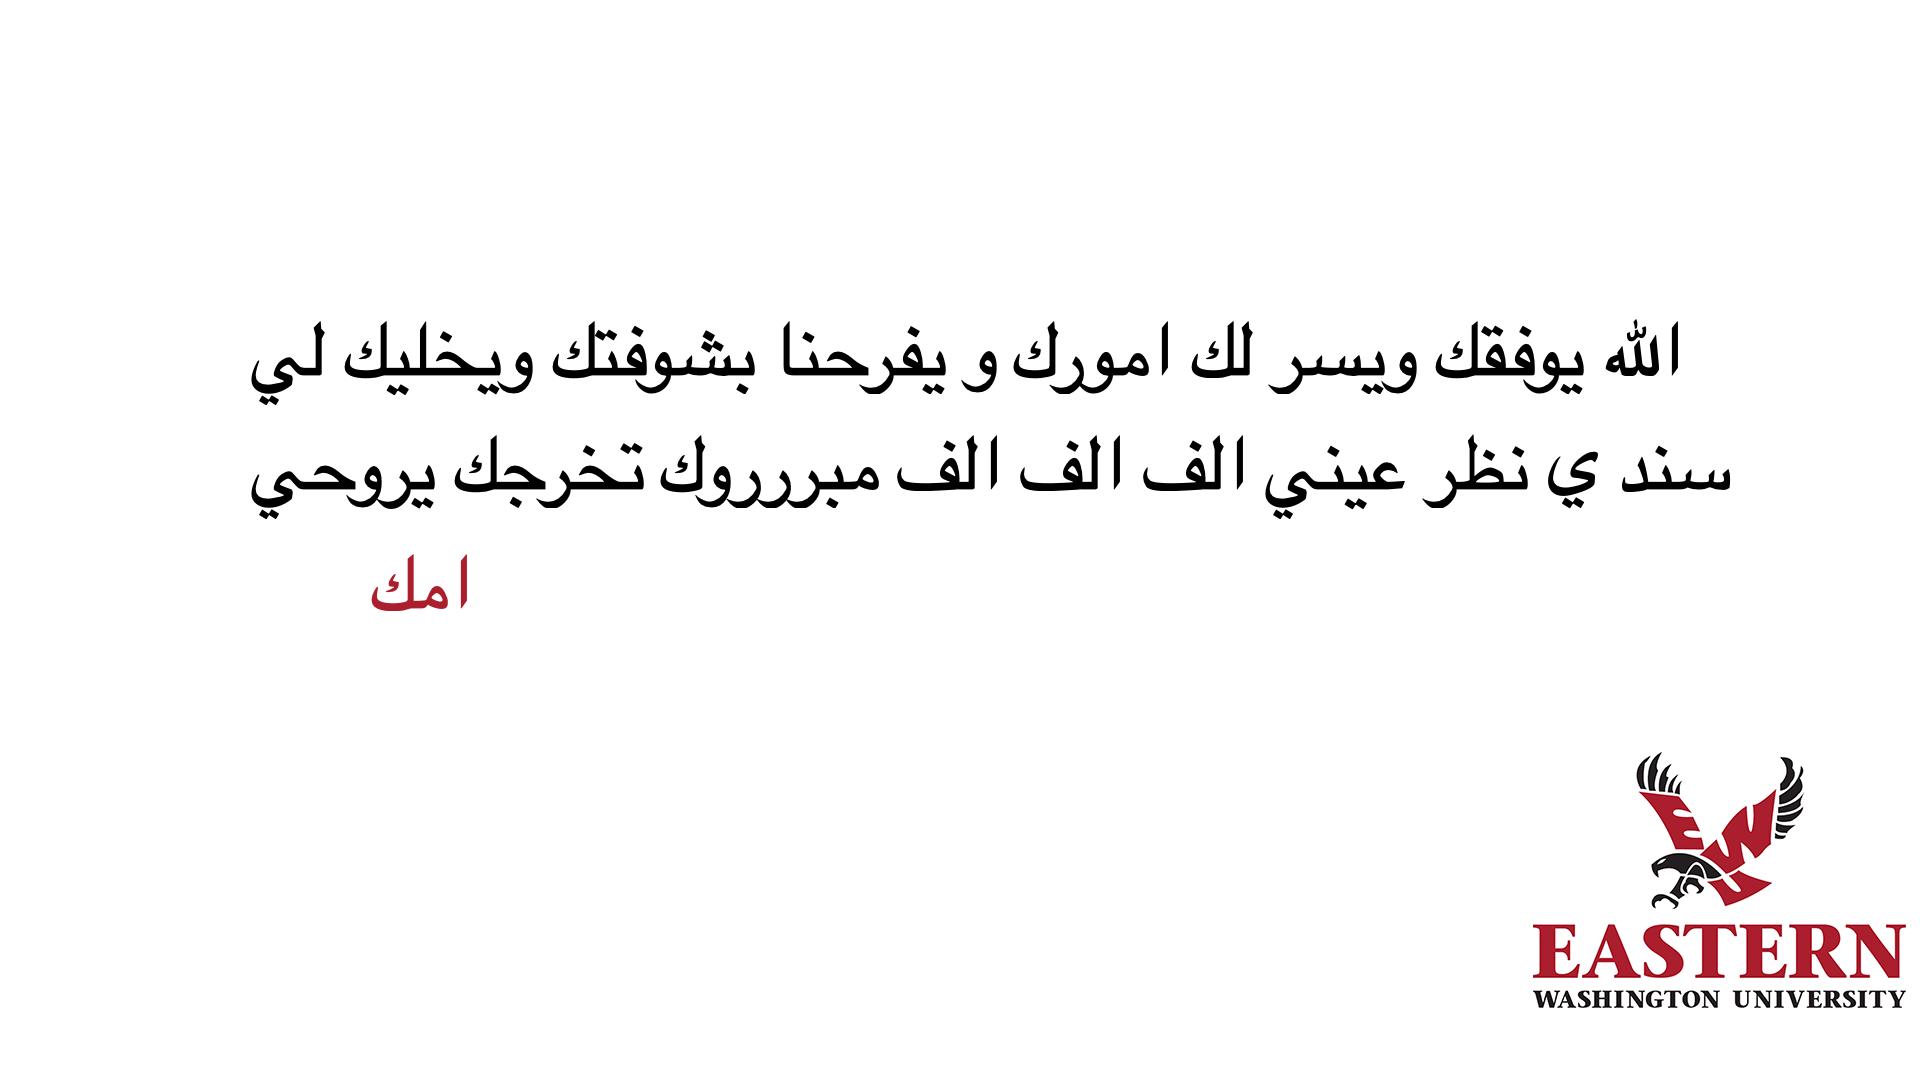 tbi_abdulrahman-abdullah-a_2824.png